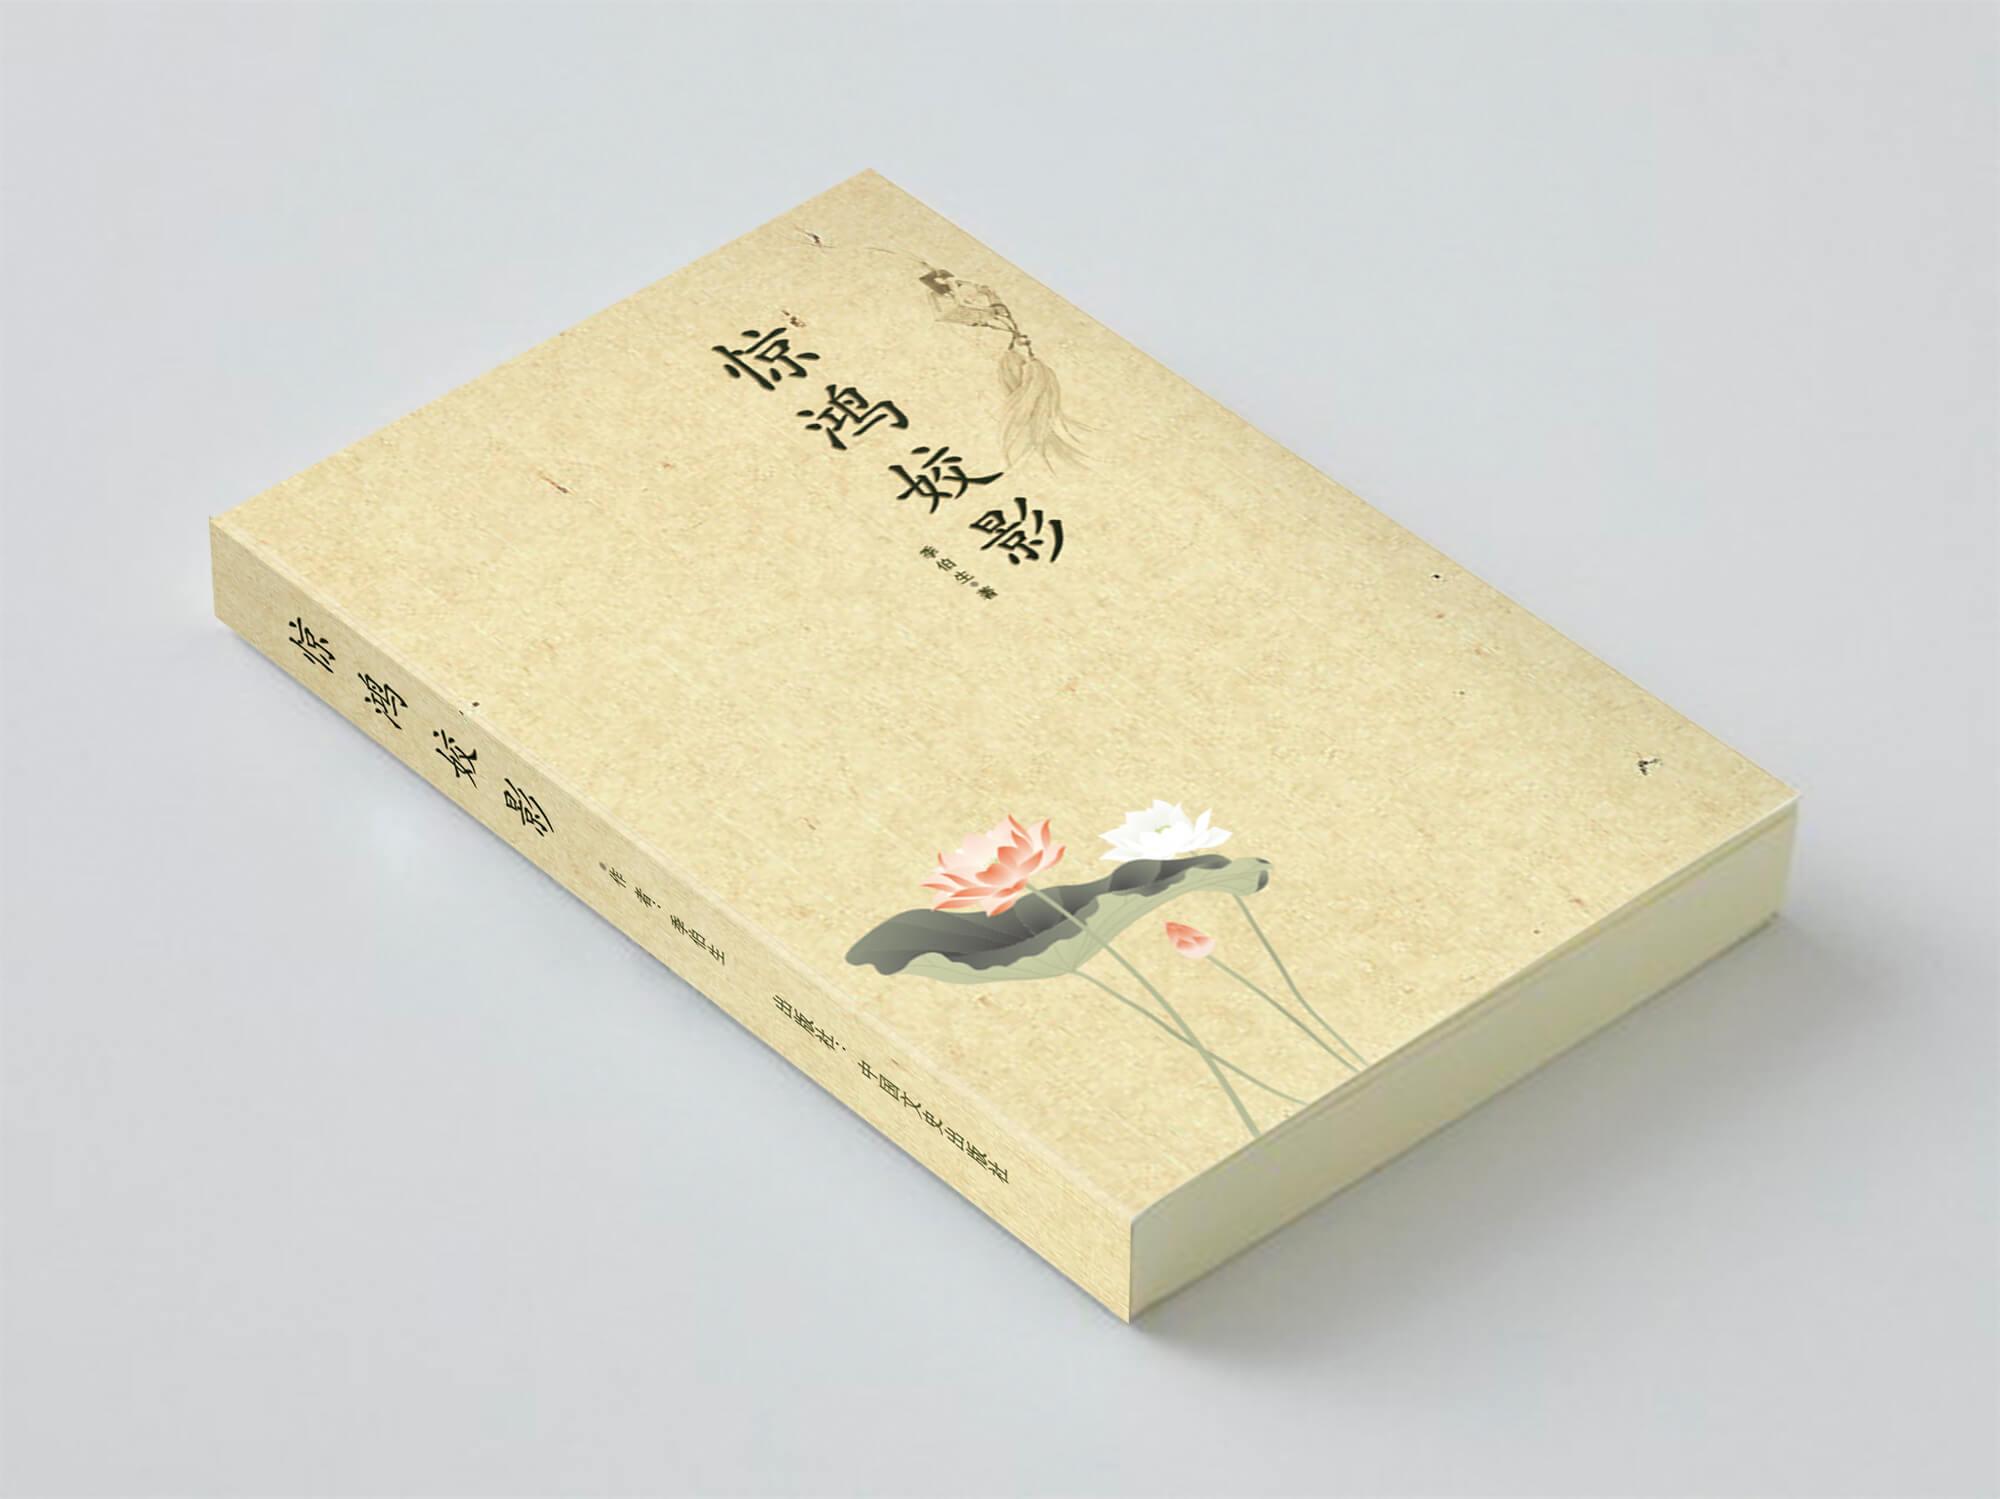 书籍贴图 - 平面设计学员作品